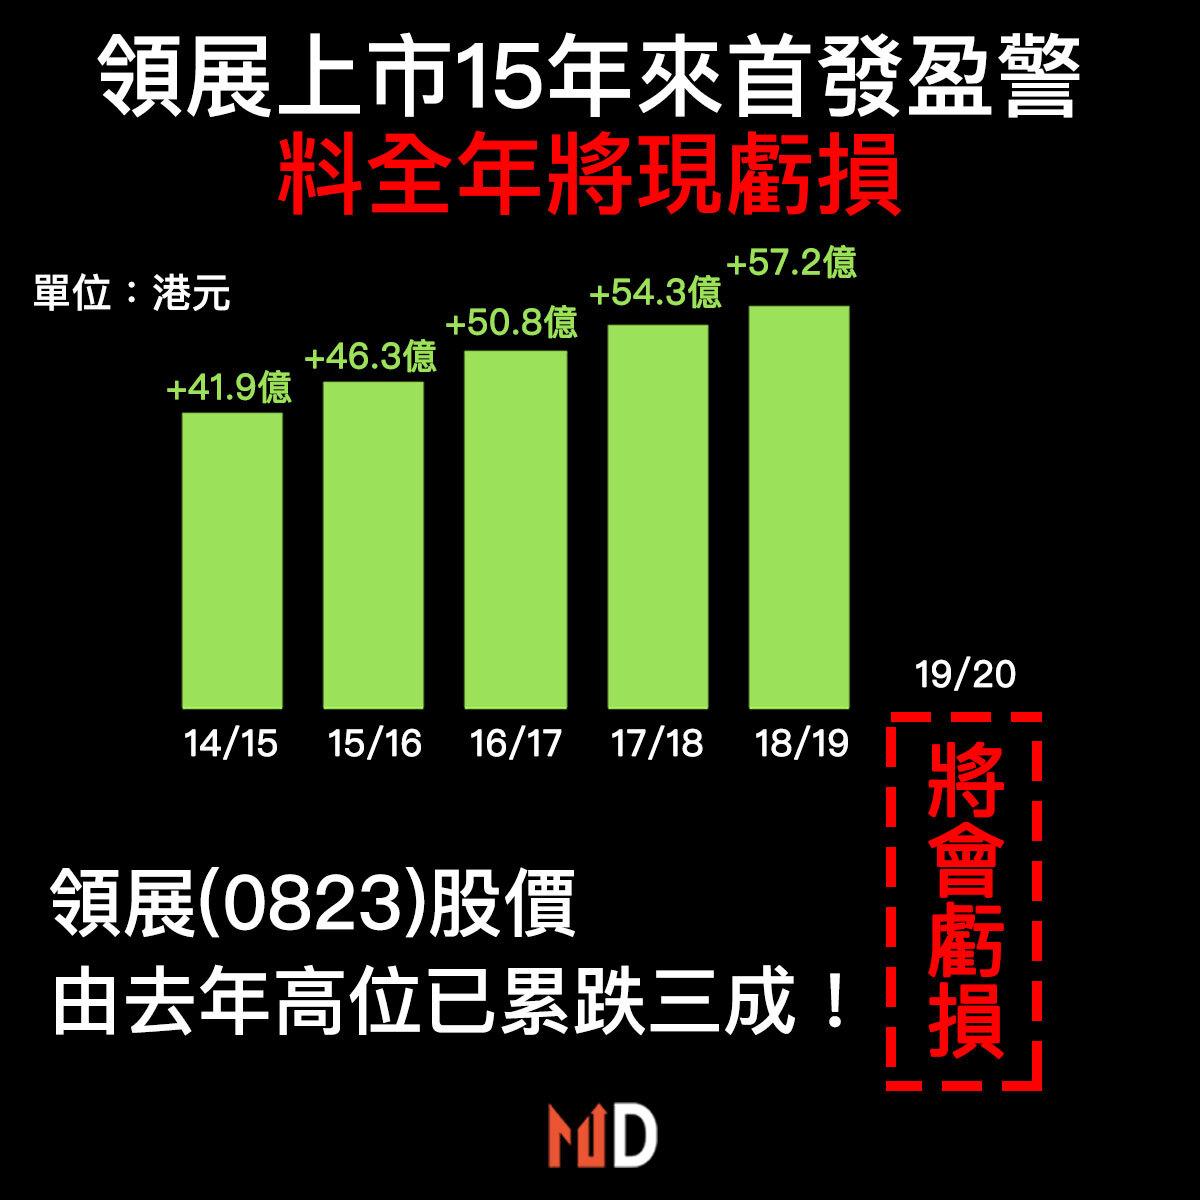 【#市場熱話】領展上市15年以來首次盈警!料全年將現虧損